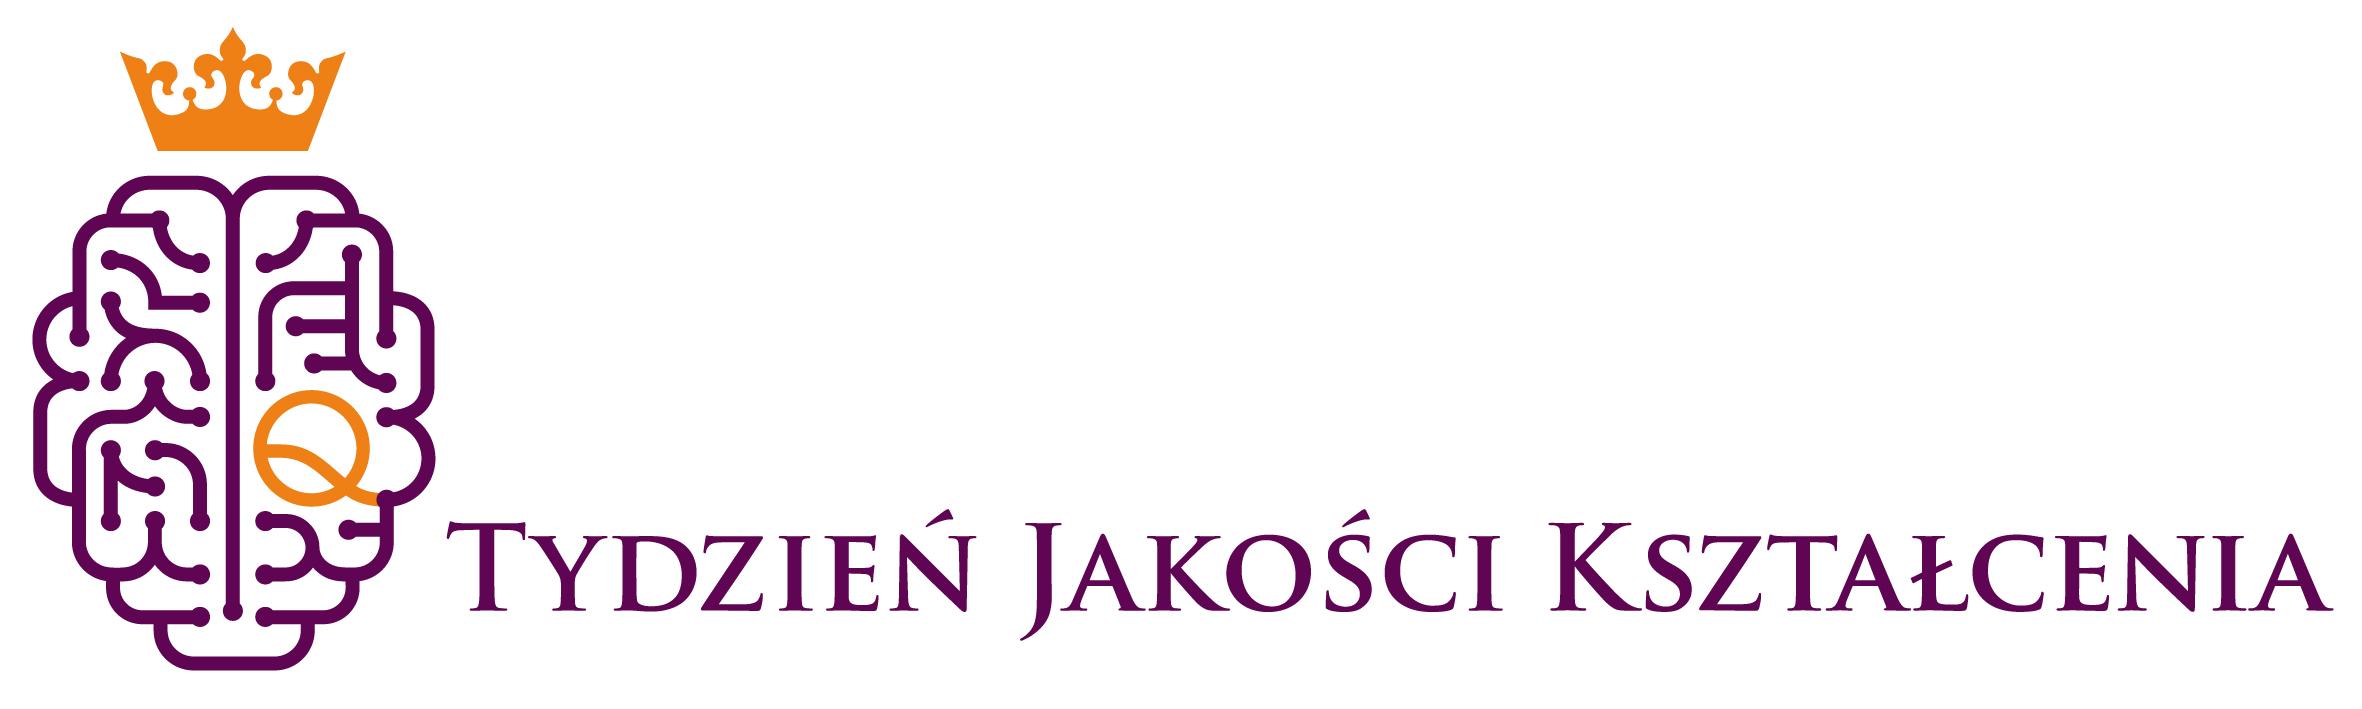 Logotyp TJK PL